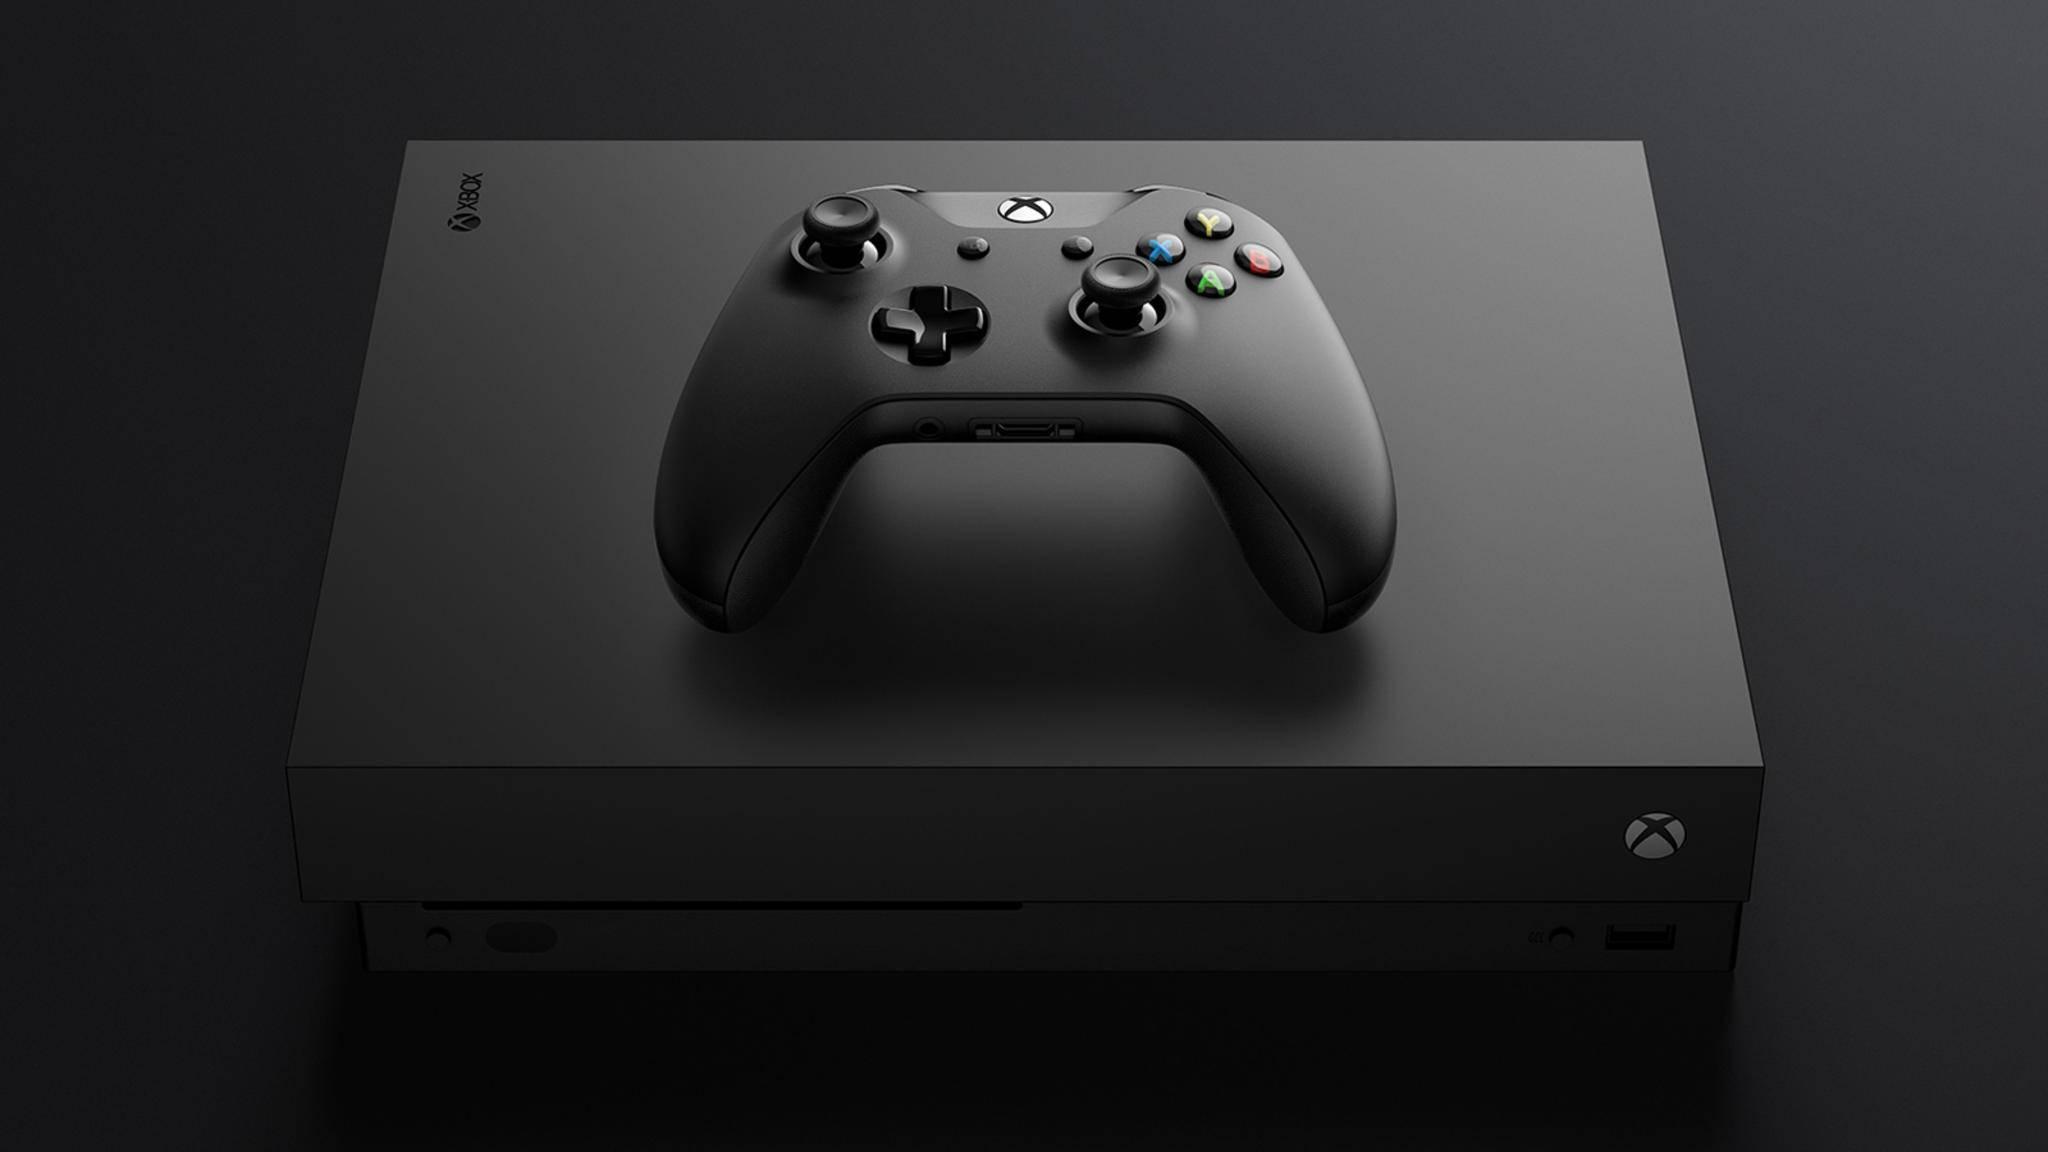 Die Xbox One X ist auf der Gamescom 2017 zum ersten Mal in Europa öffentlich spielbar.